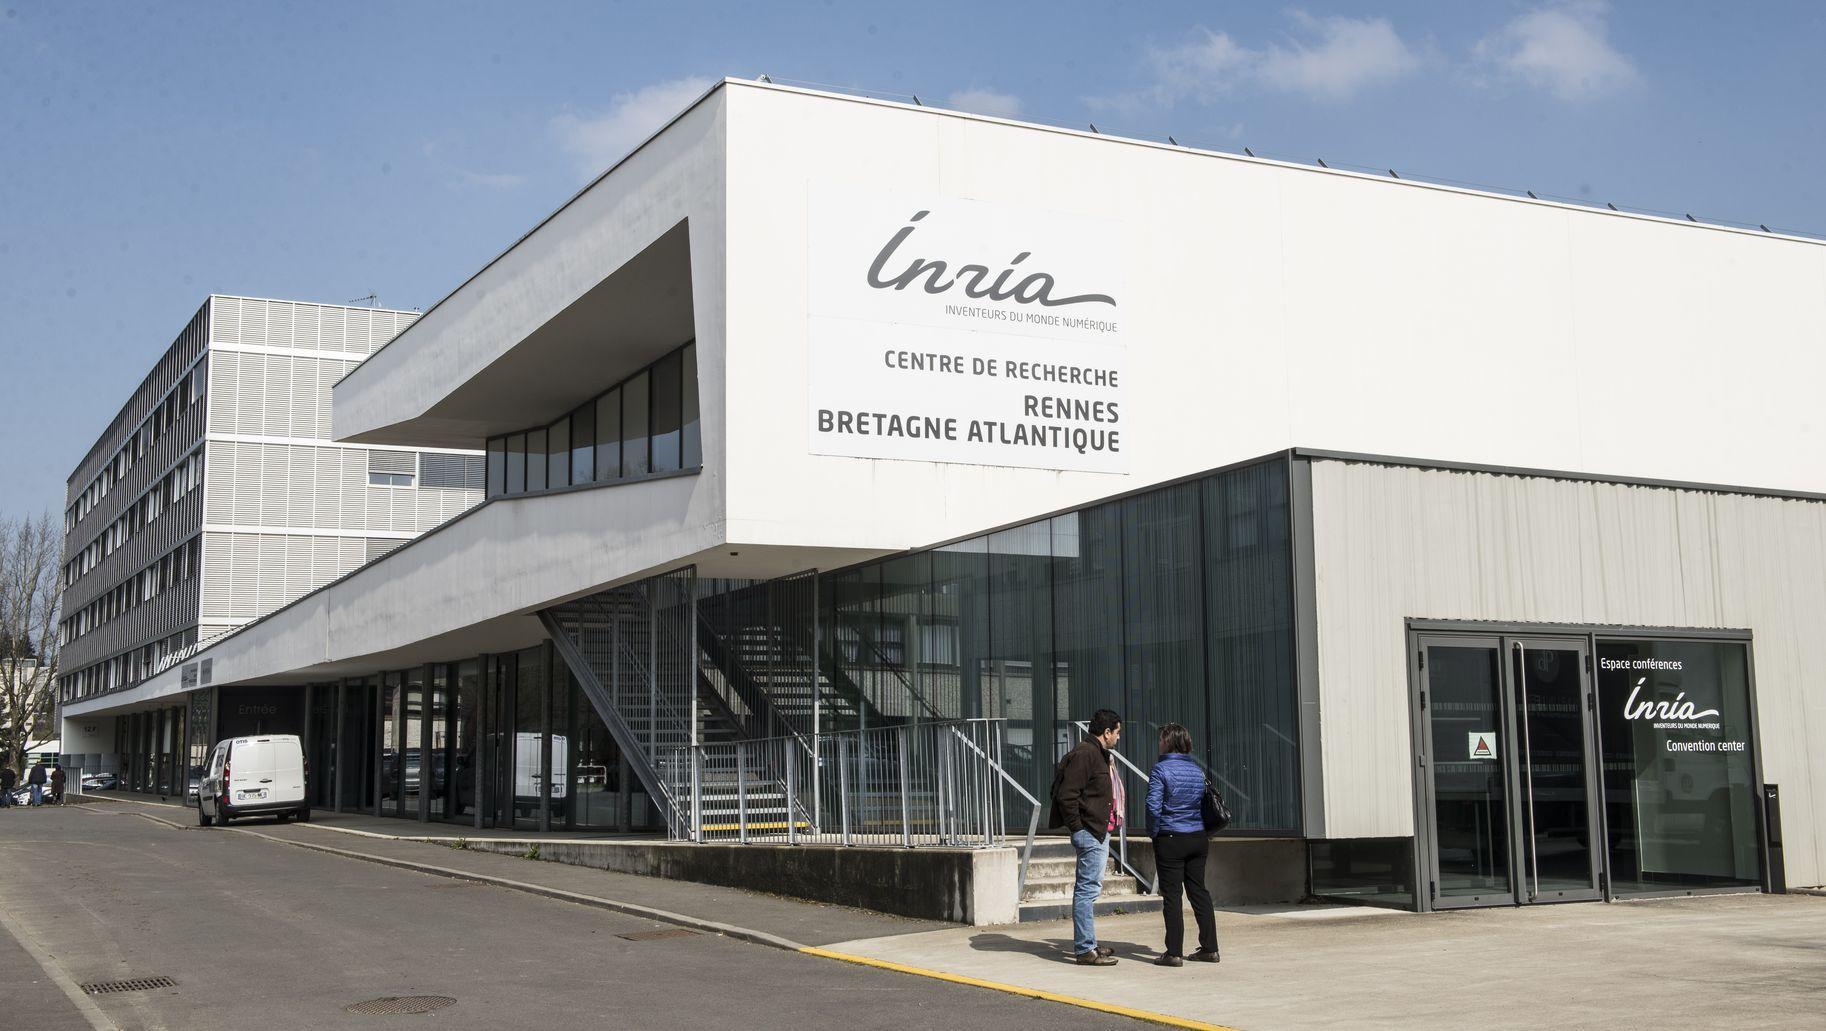 Centre Inria Rennes Bretagne Atlantique Inria